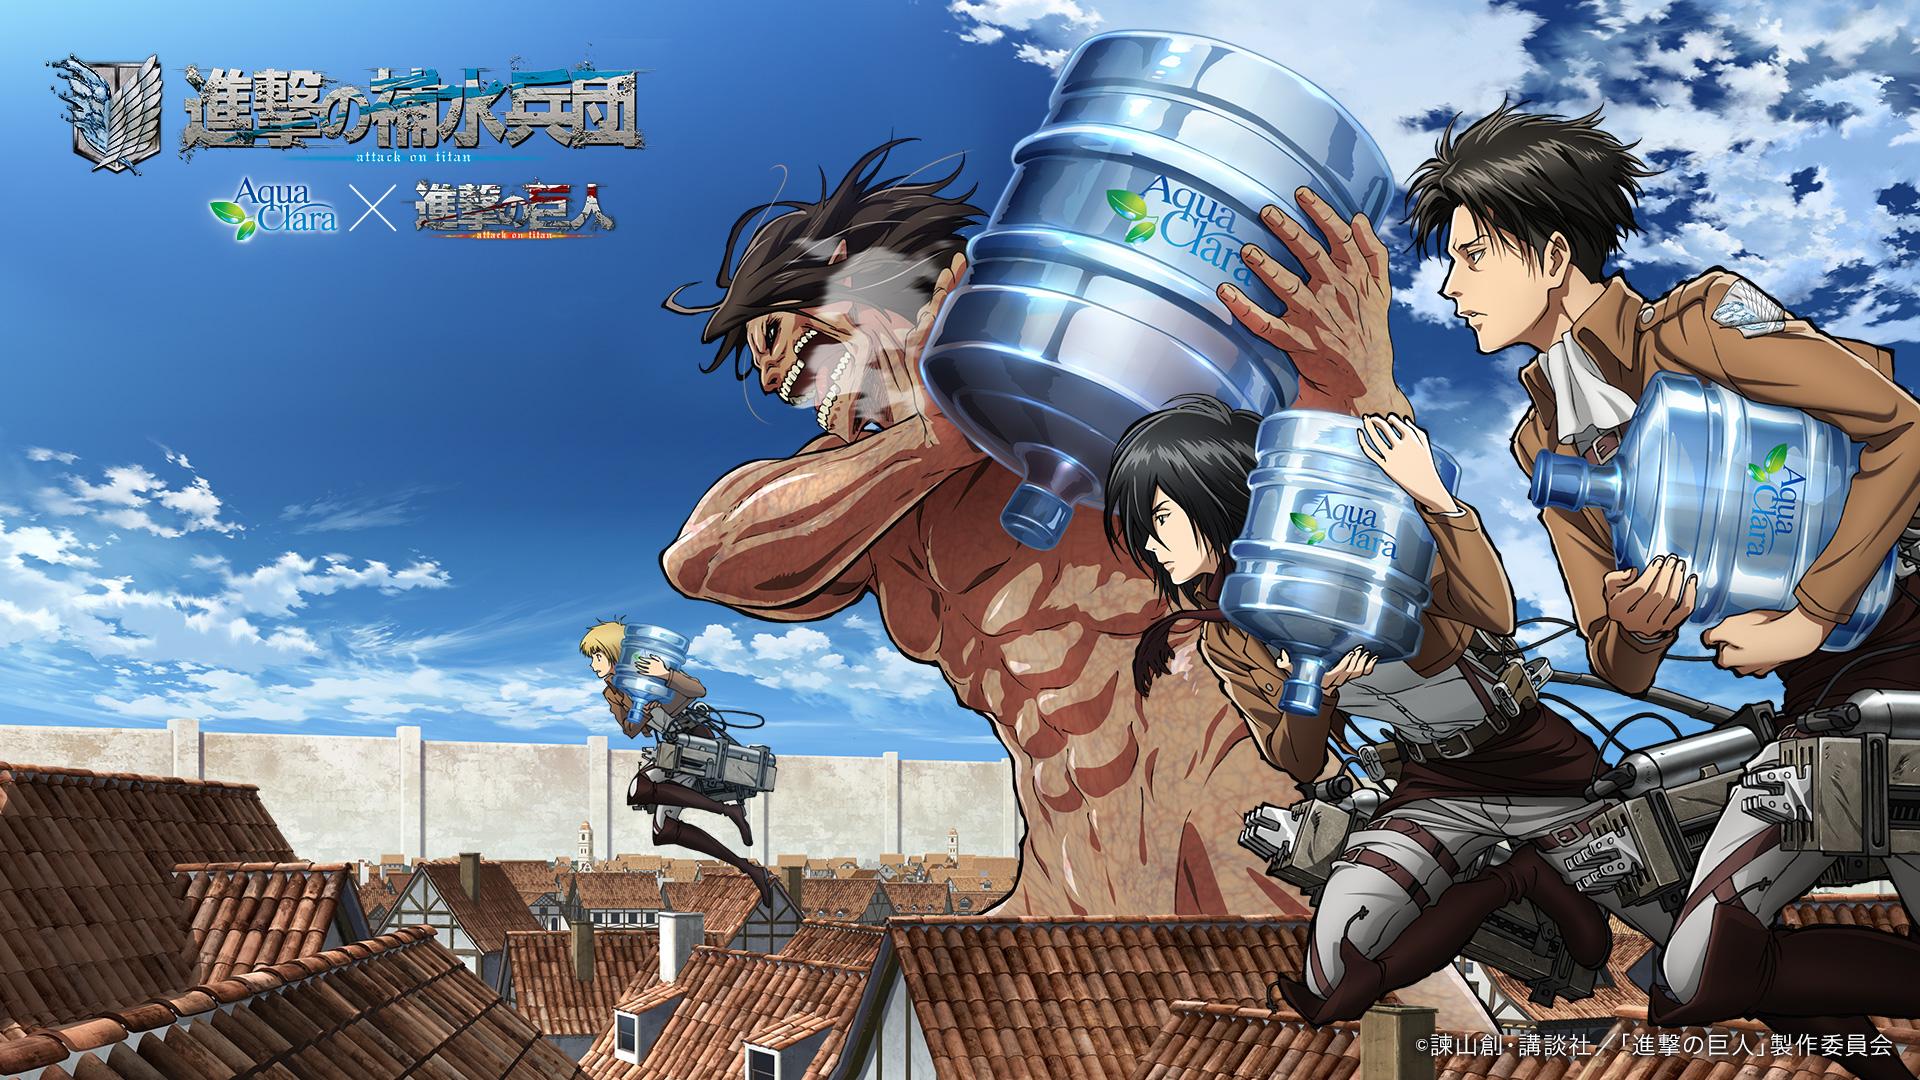 Attack on Aqua Clara haruhichan.com Attack on Titan Shingeki no Kyojin aqua clara visual